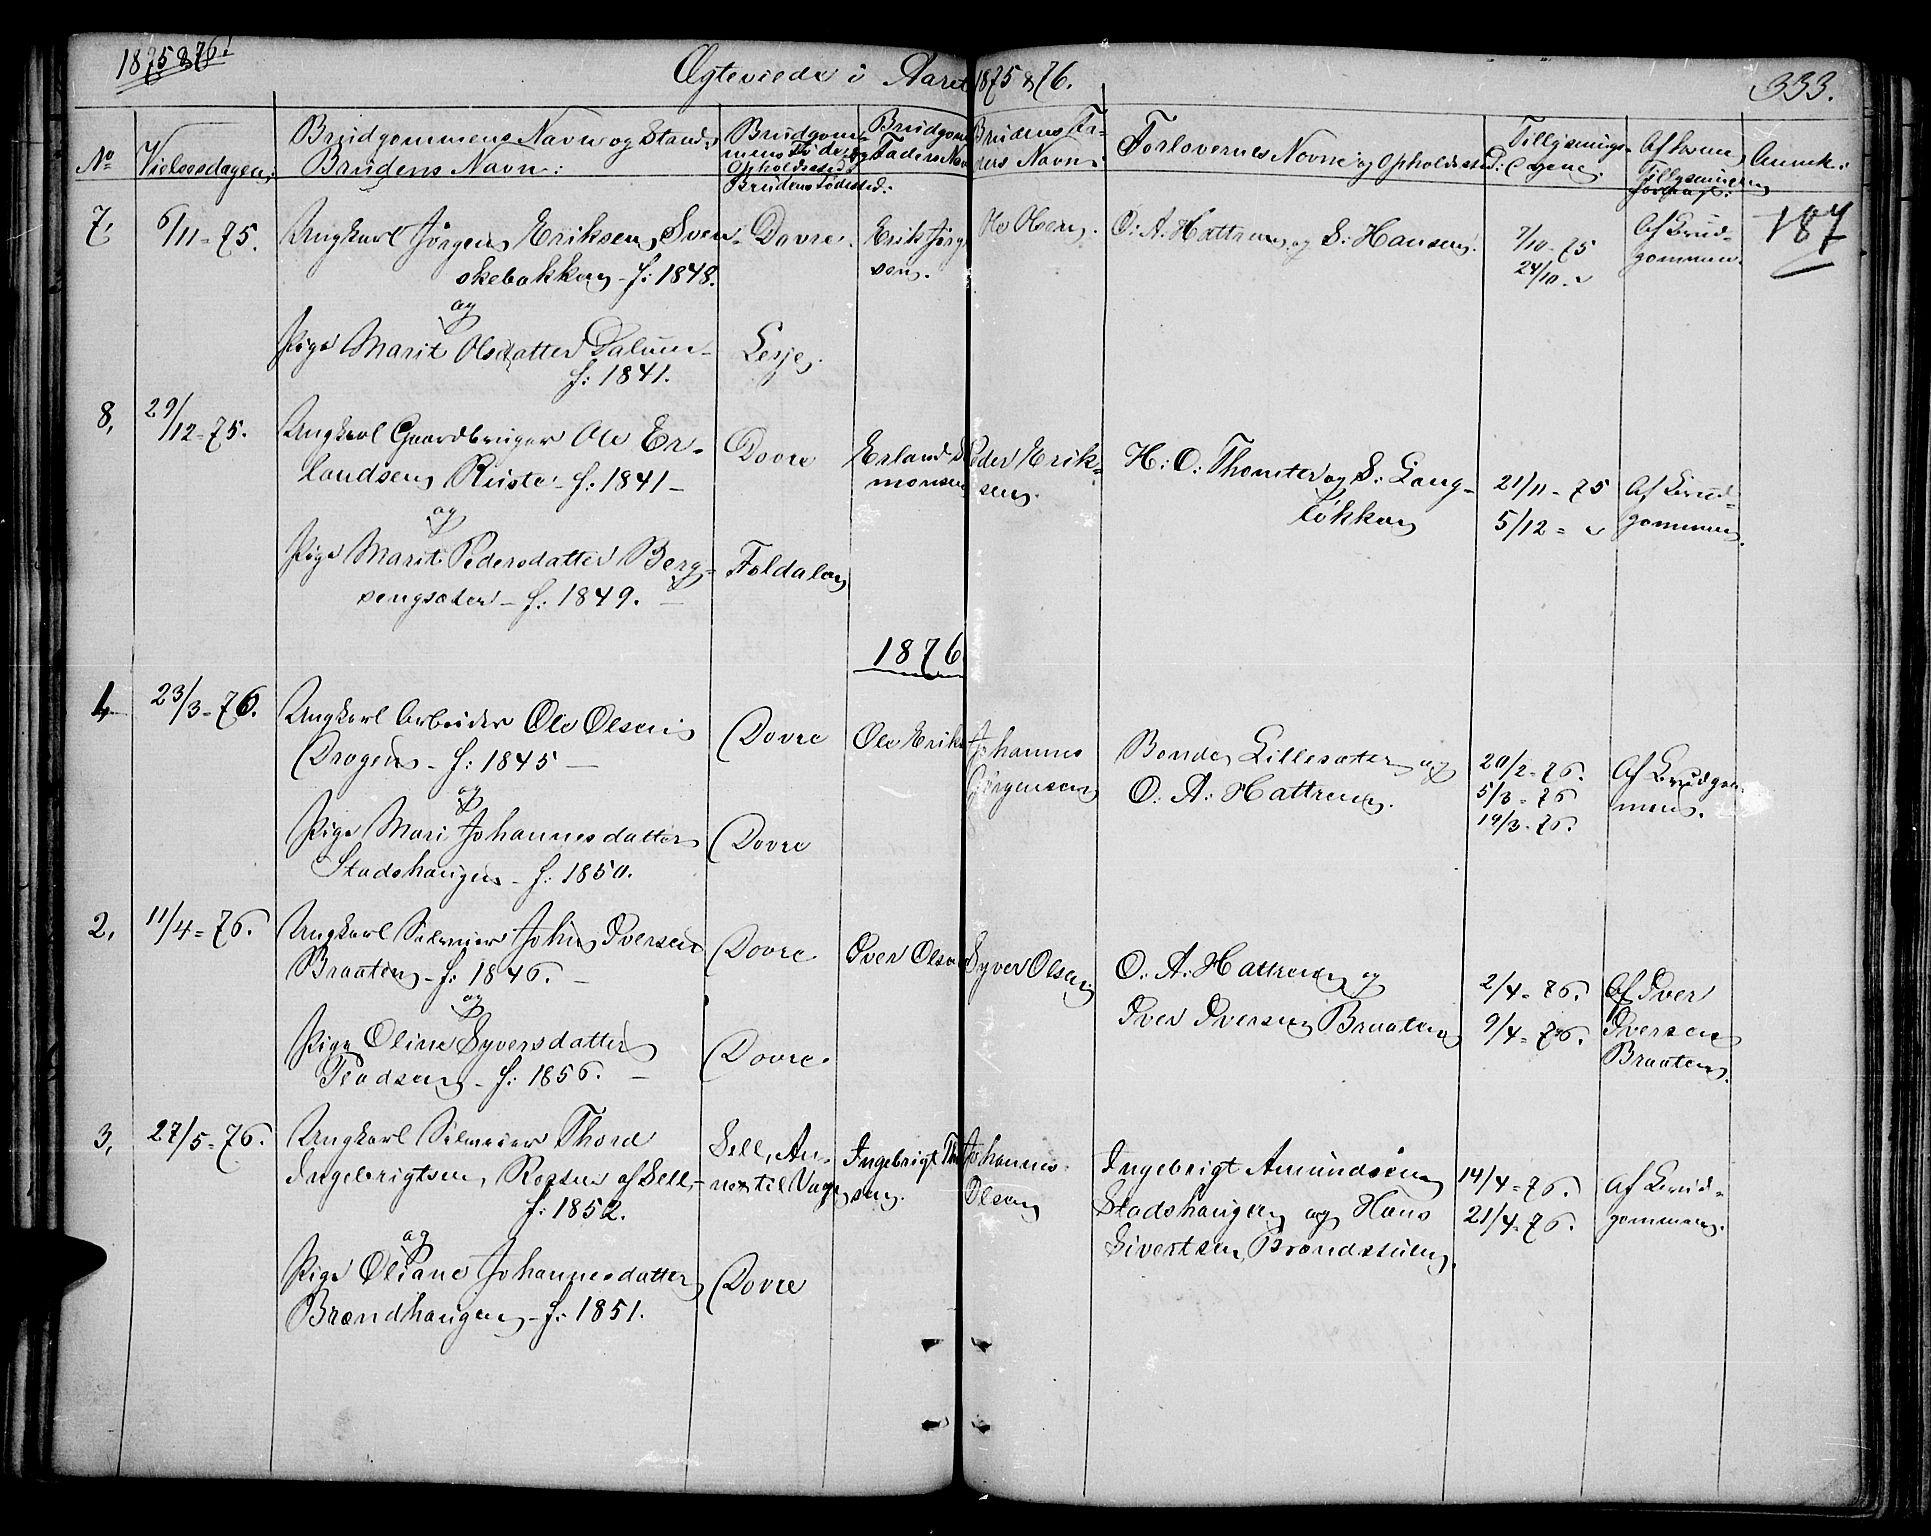 SAH, Dovre prestekontor, Klokkerbok nr. 1, 1862-1880, s. 333